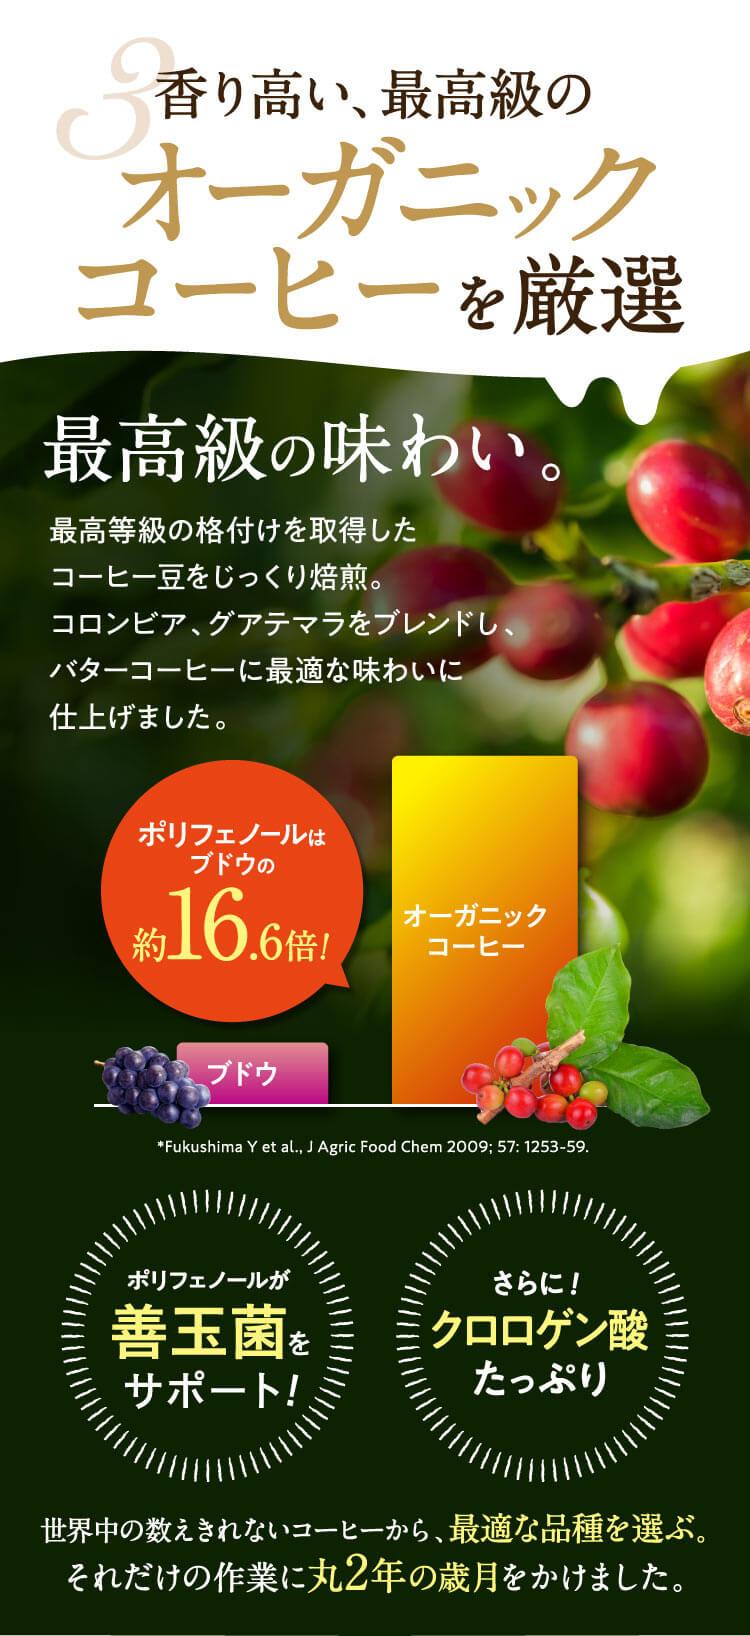 3.香り高い、最高級のオーガニックコーヒーを厳選/最高級の味わい。最高等級の格付けを獲得したコーヒー豆をじっくり焙煎。コロンビア、グアテマラをブレンドし、バターコーヒーに最適な味わいに仕上げました。ポリフェノールはブドウの約16.6倍!*Fukushima Y et al., J Agric Food Chem 2009; 57: 1253-59/ポリフェノールが善玉菌をサポート!さらにダイエット効果クロロゲン酸たっぷり!世界中の数えきれないコーヒーから最適な品種を選ぶ、それだけの作業に丸2年の歳月をかけました。